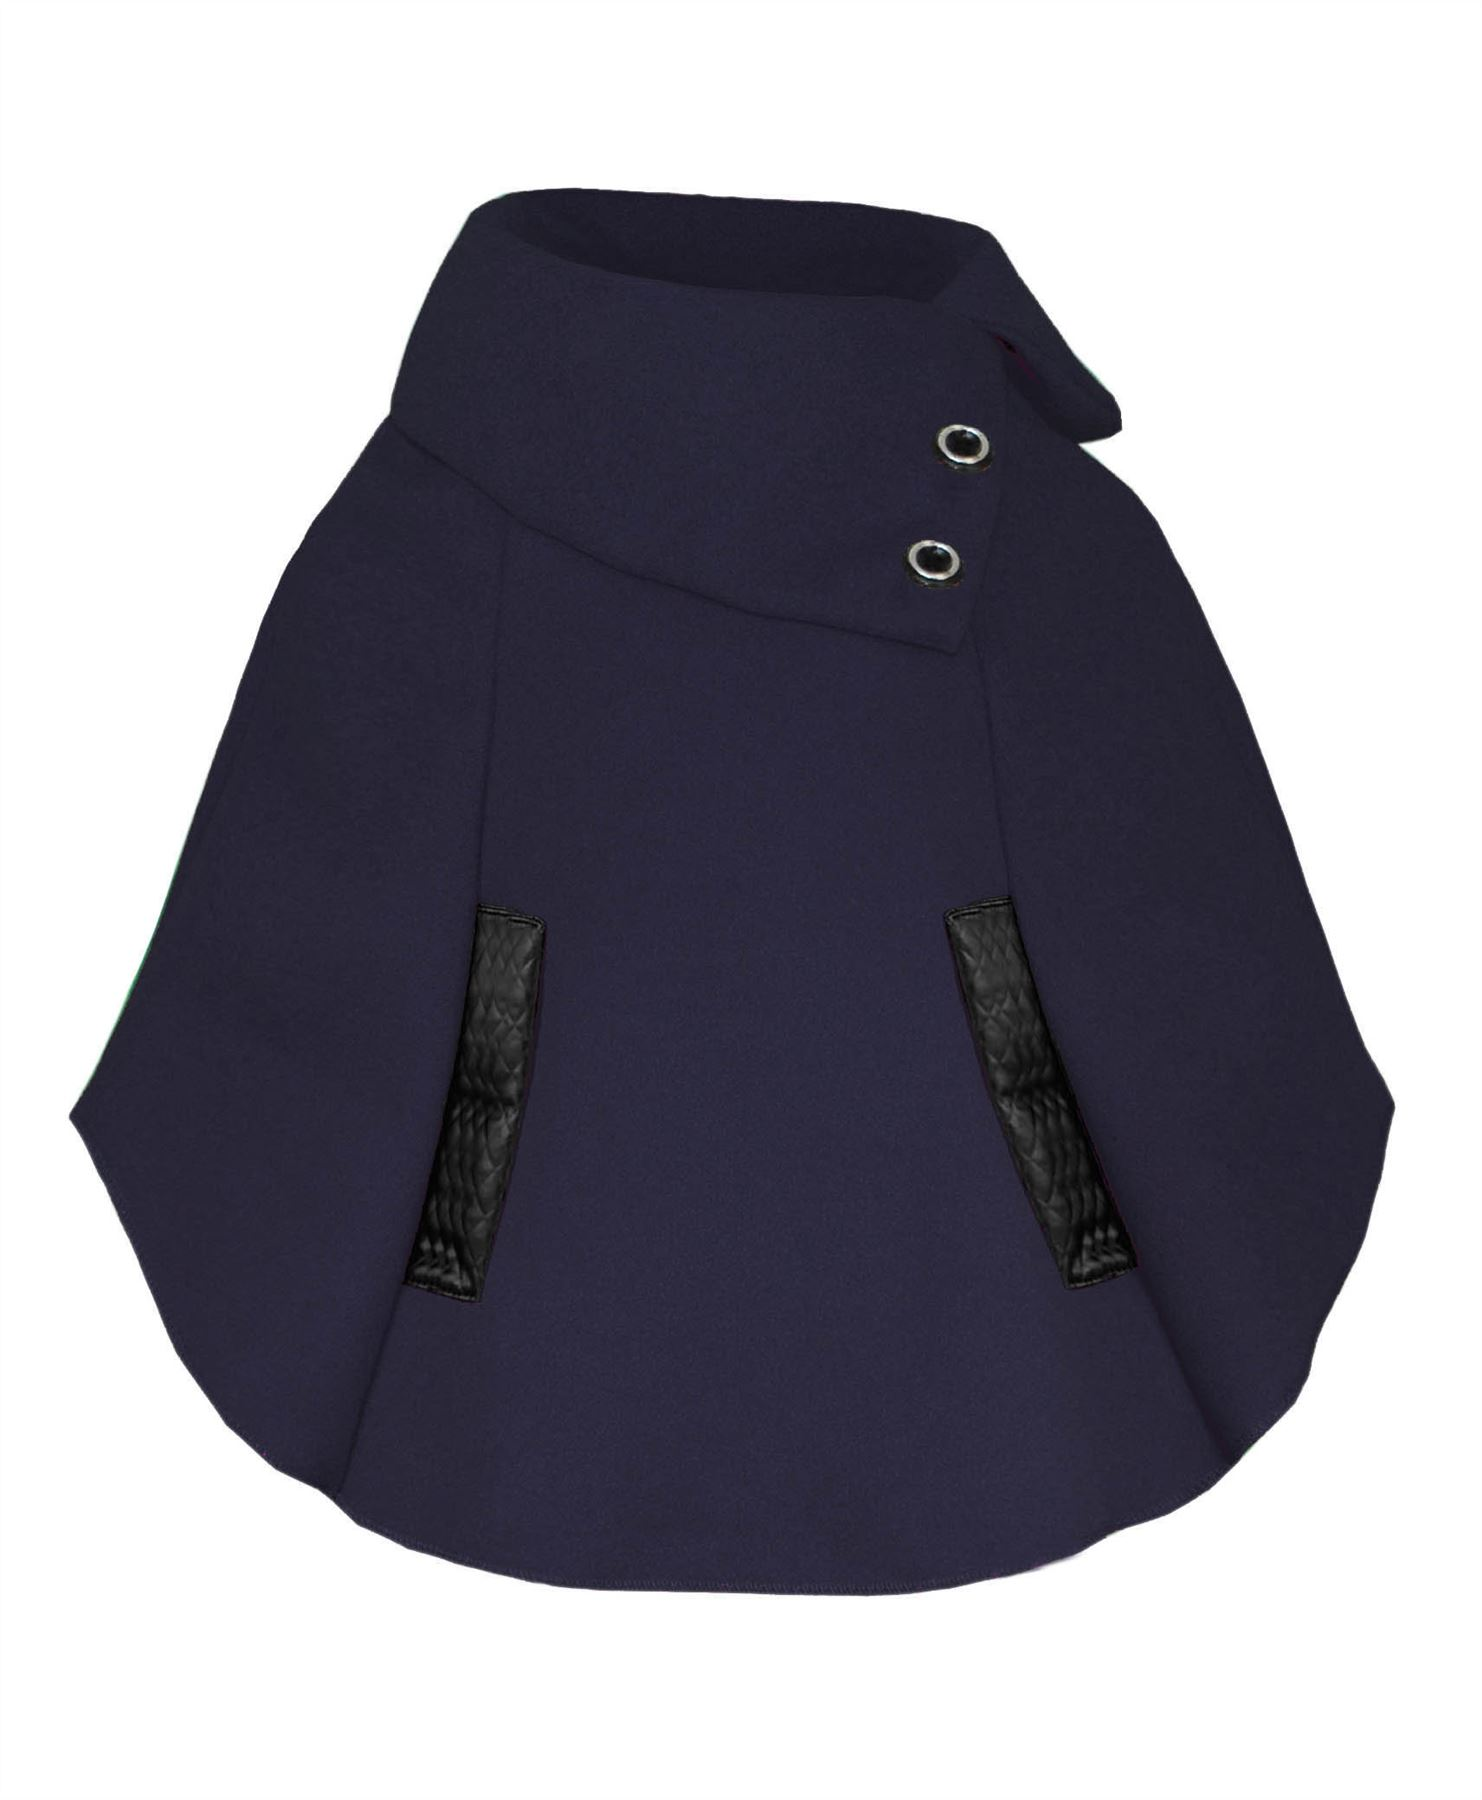 filles-a-enfiler-cape-enfants-asymetrique-Poncho-detail-bouton-manteau-3-14-An